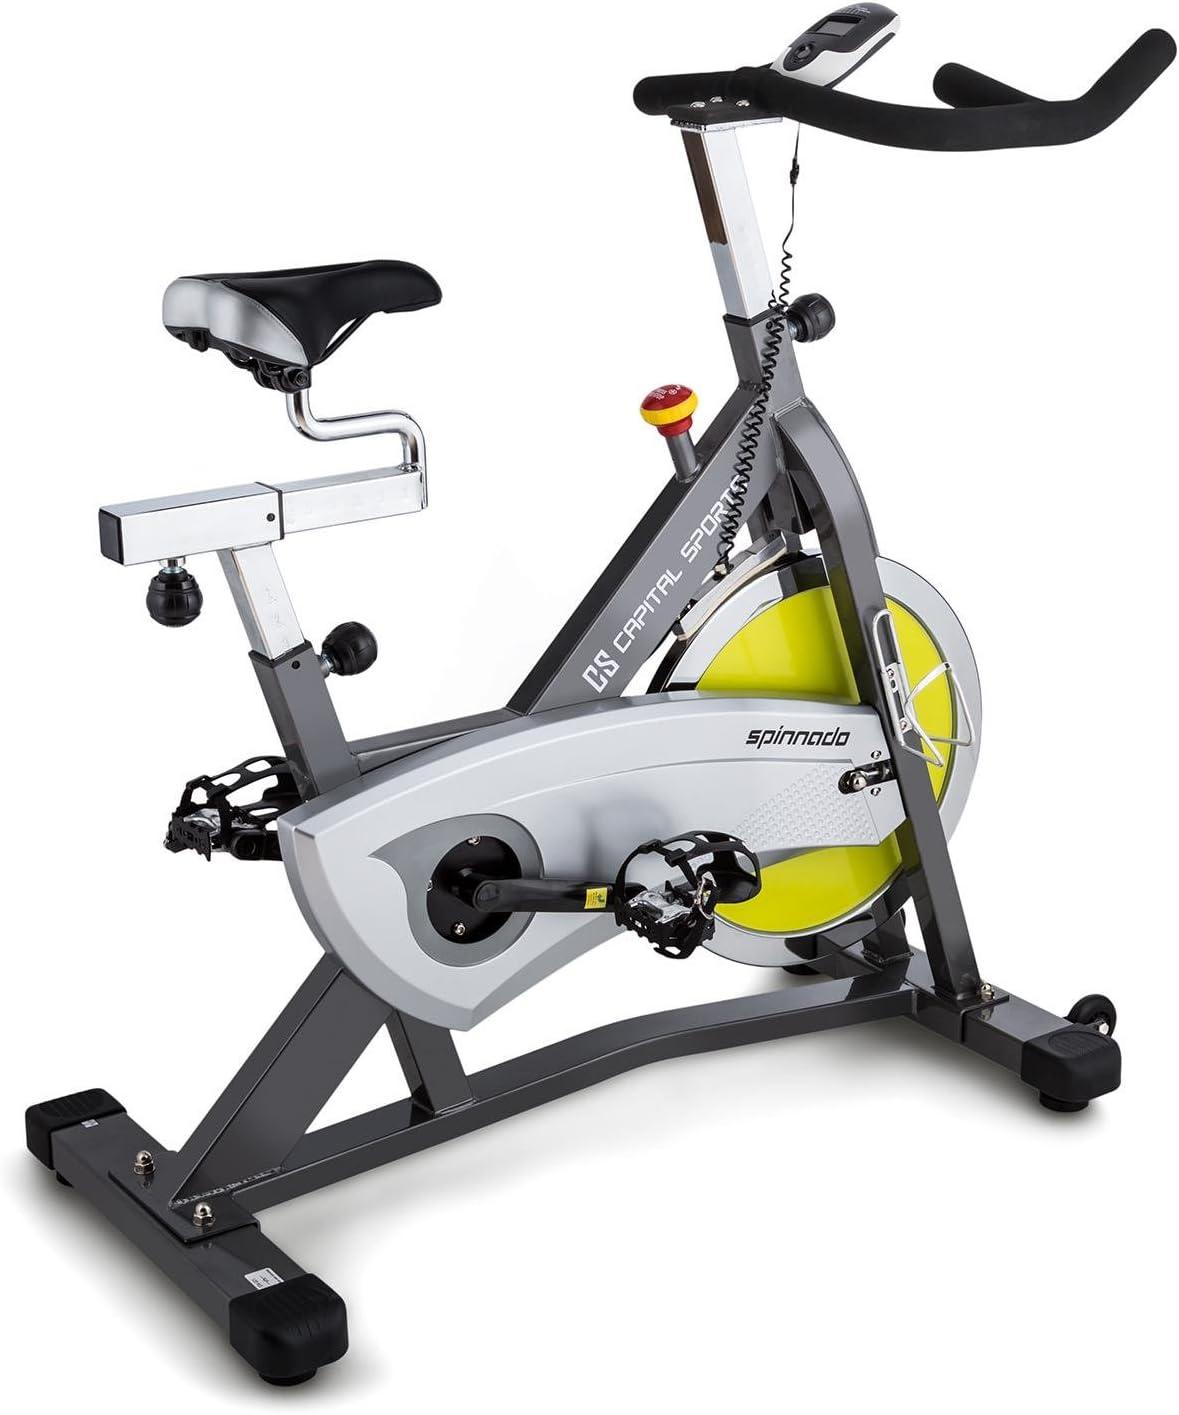 Capital Sports Ergo Bicicleta ergom/étrica 18 kg de masa oscilante, sill/ín ajustable, monitor entrenamiento, carga m/áxima 125 kg gris